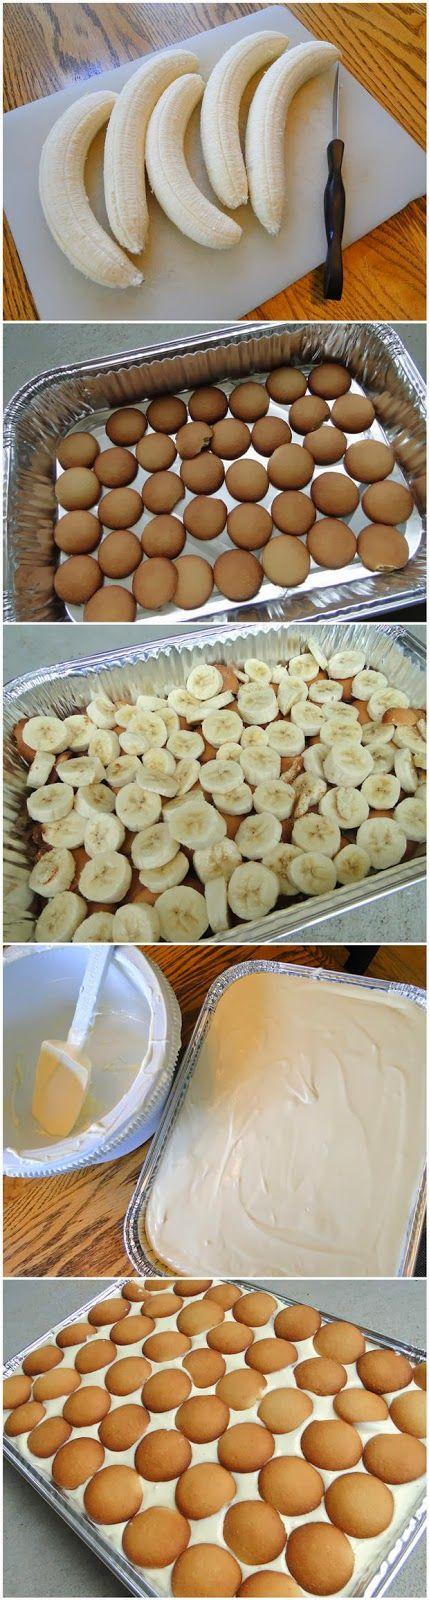 Pudín de plátano de la mamá de Yo no - Truelifekitchen